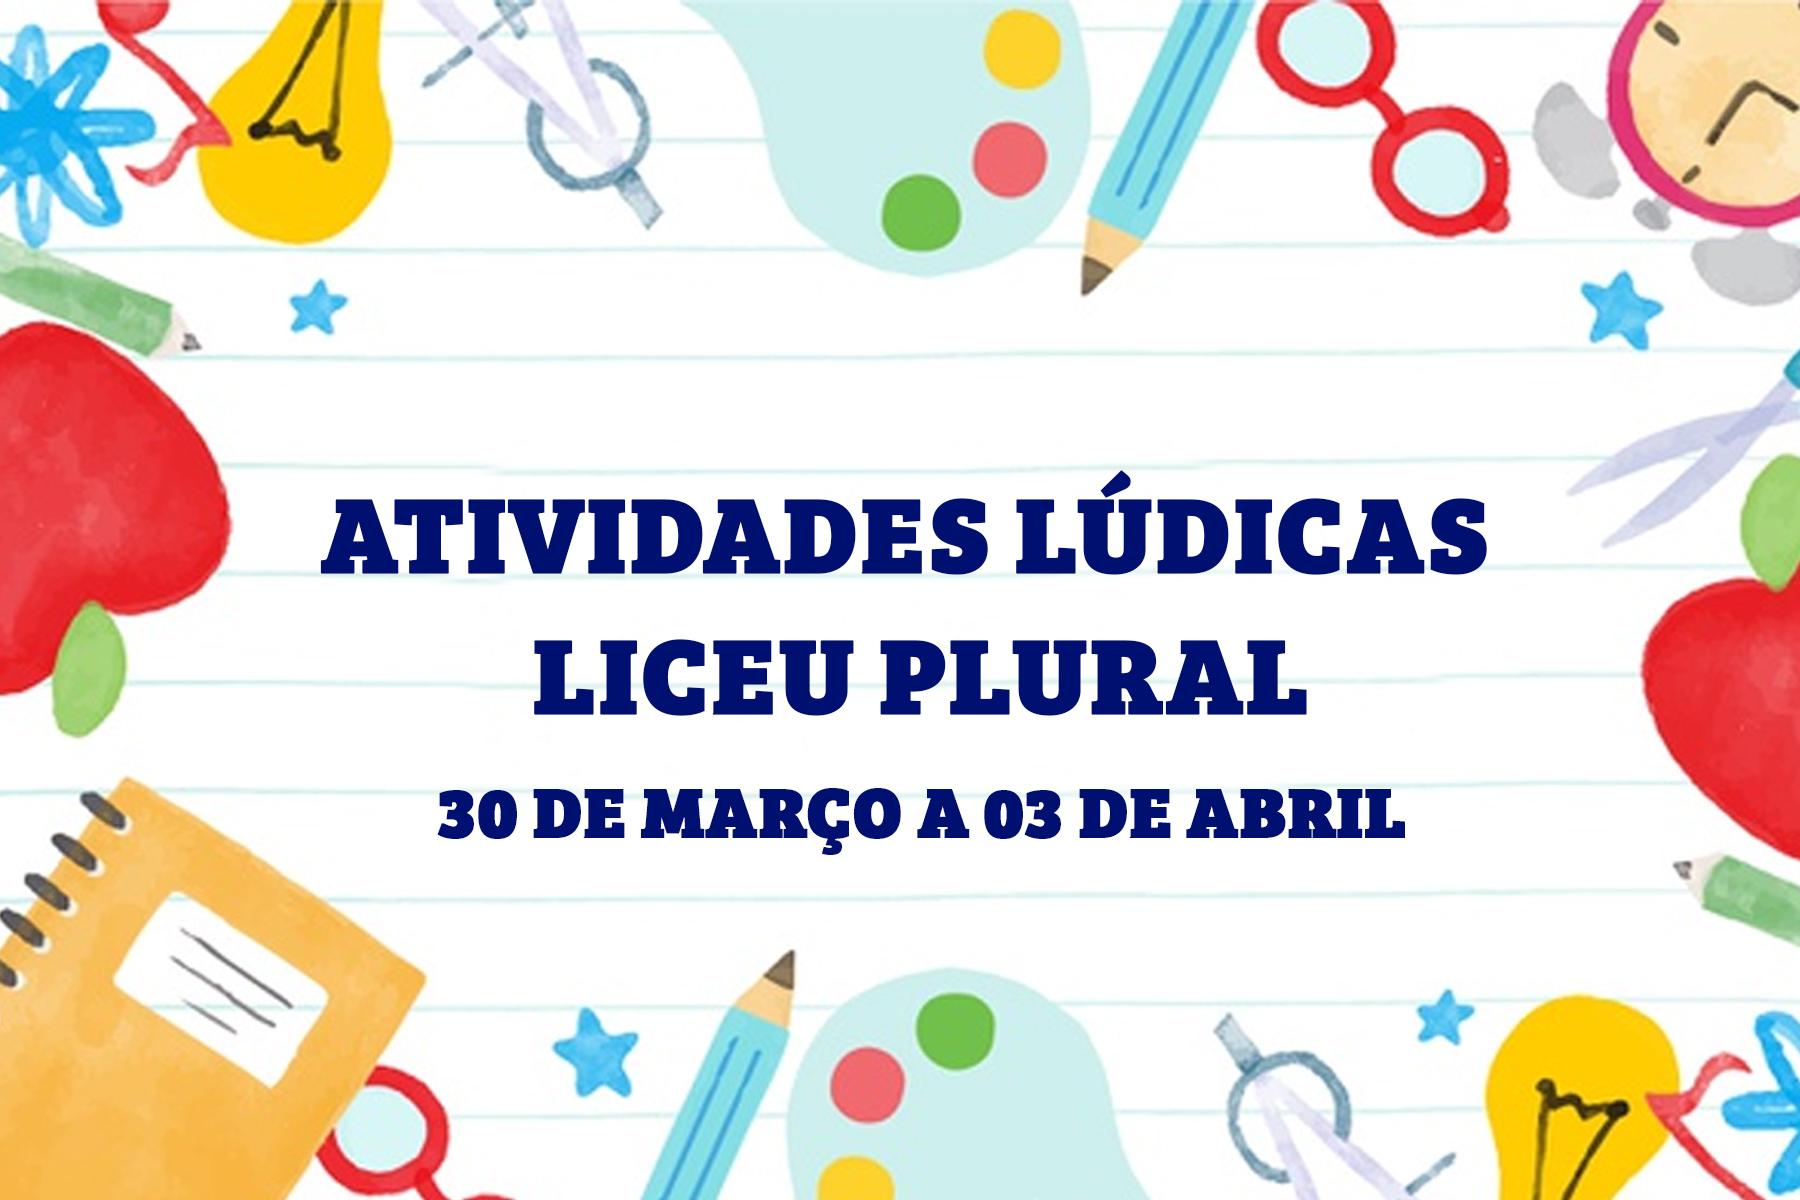 ATIVIDADES LÚDICAS | Liceu Plural